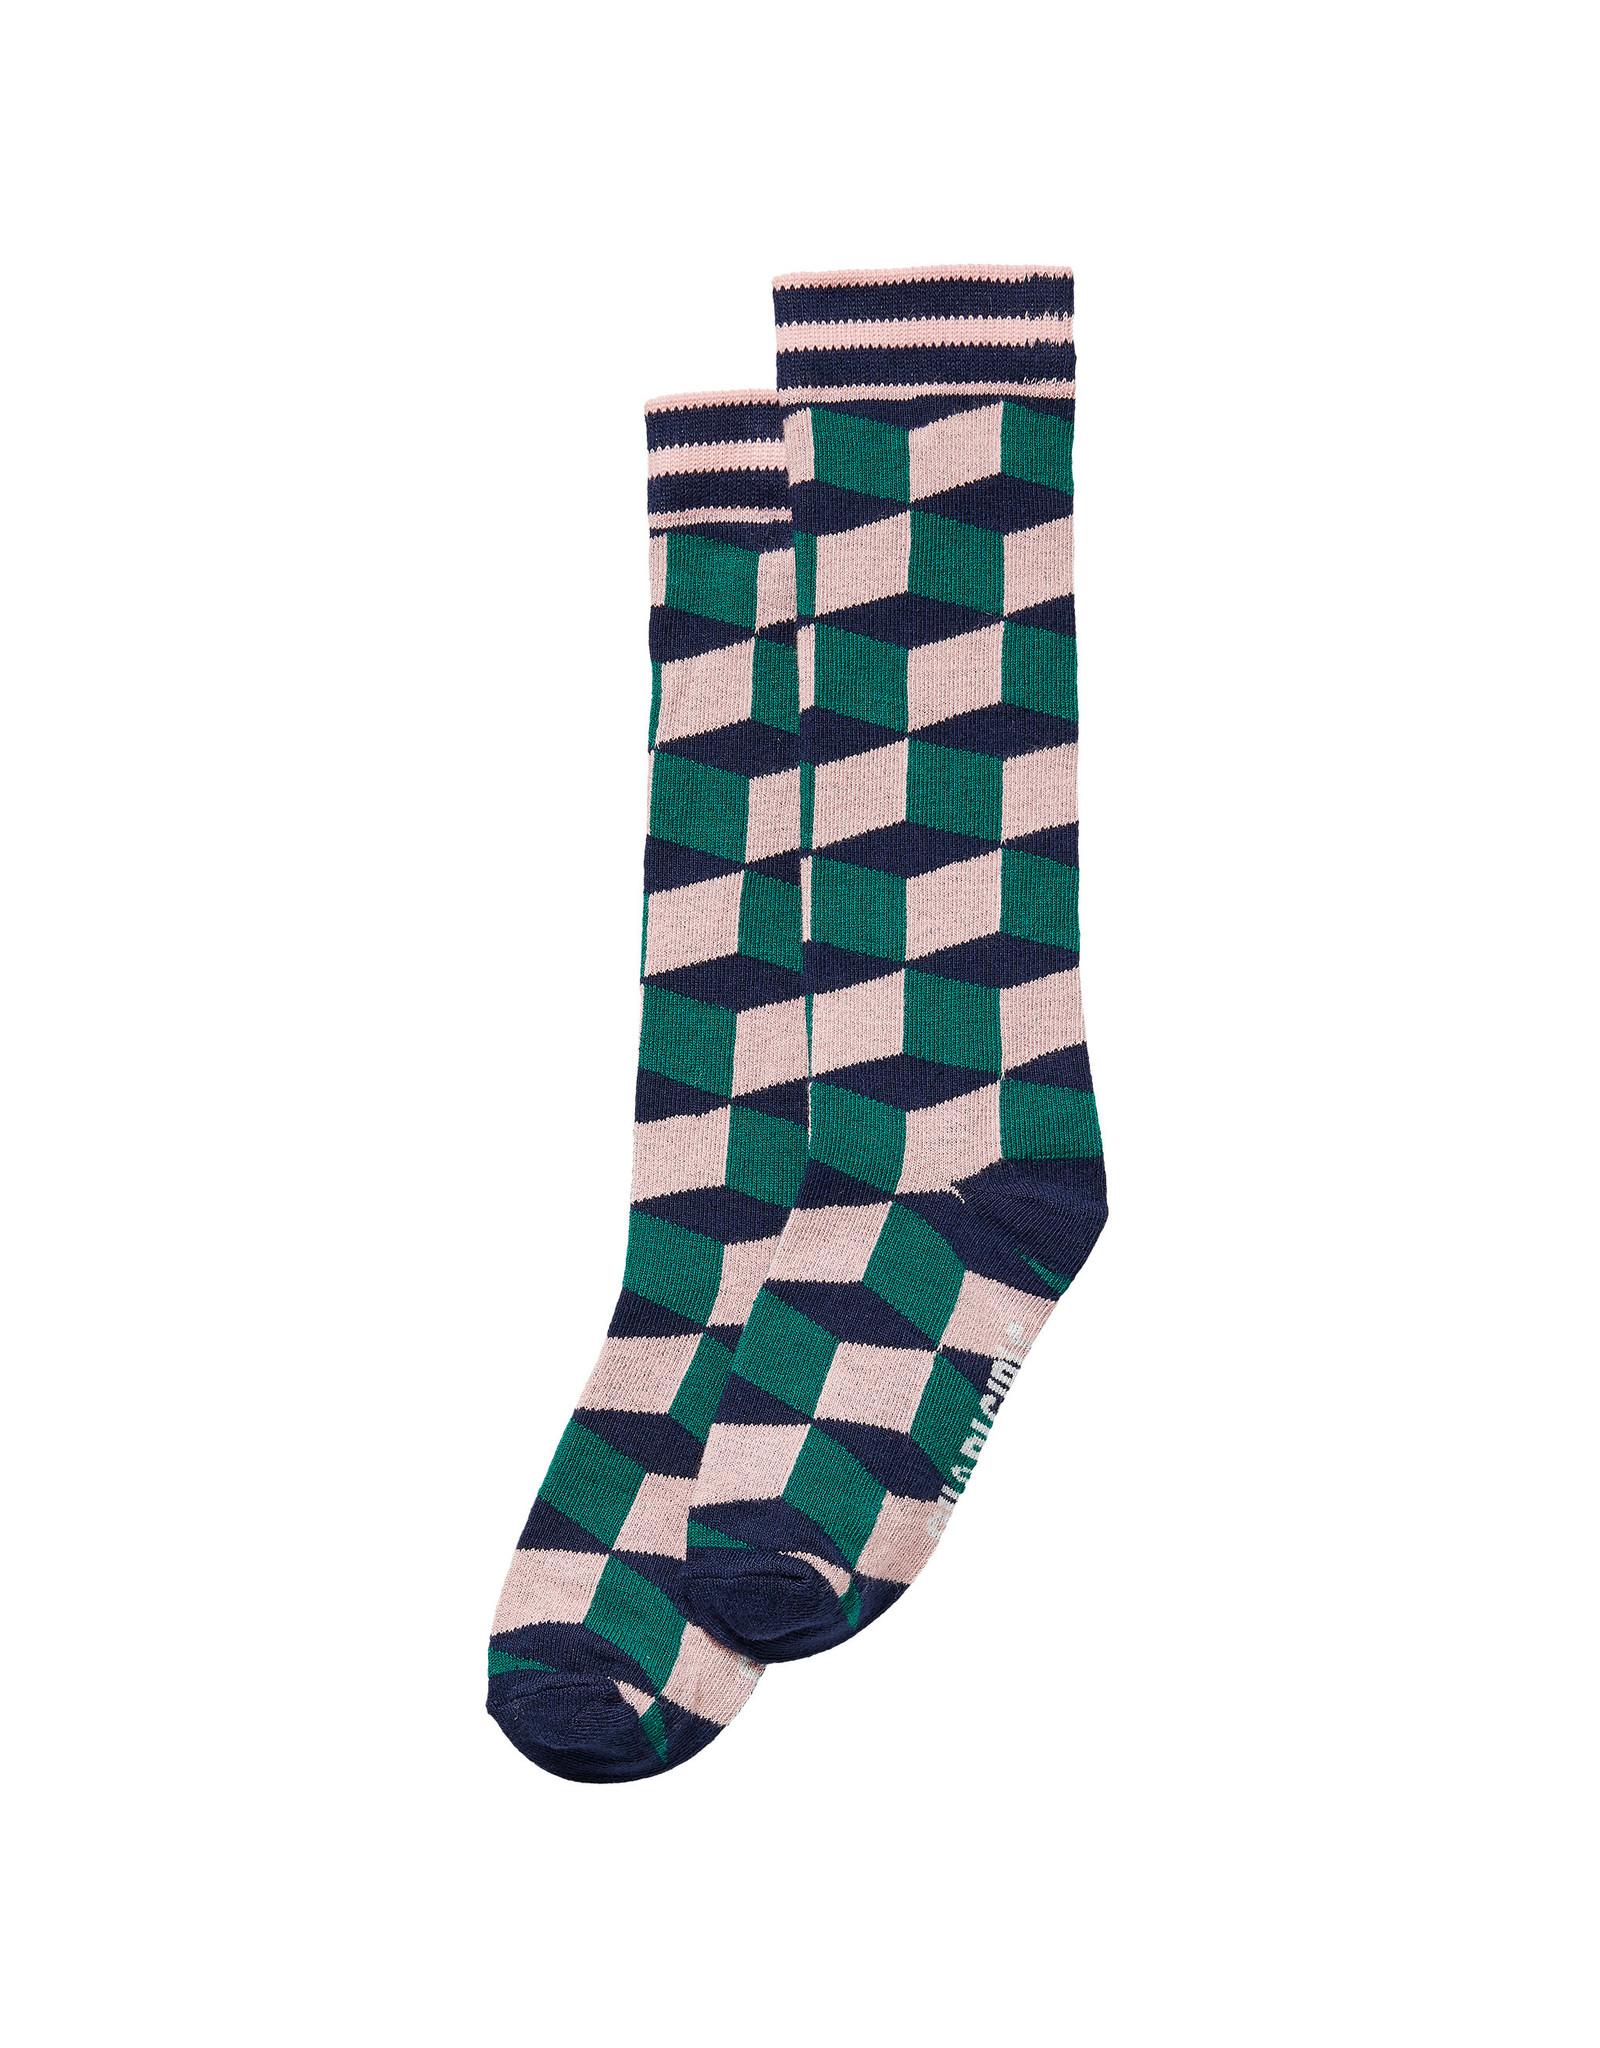 Quapi Quapi meisjes sokken Djenti Multi Color Stripe